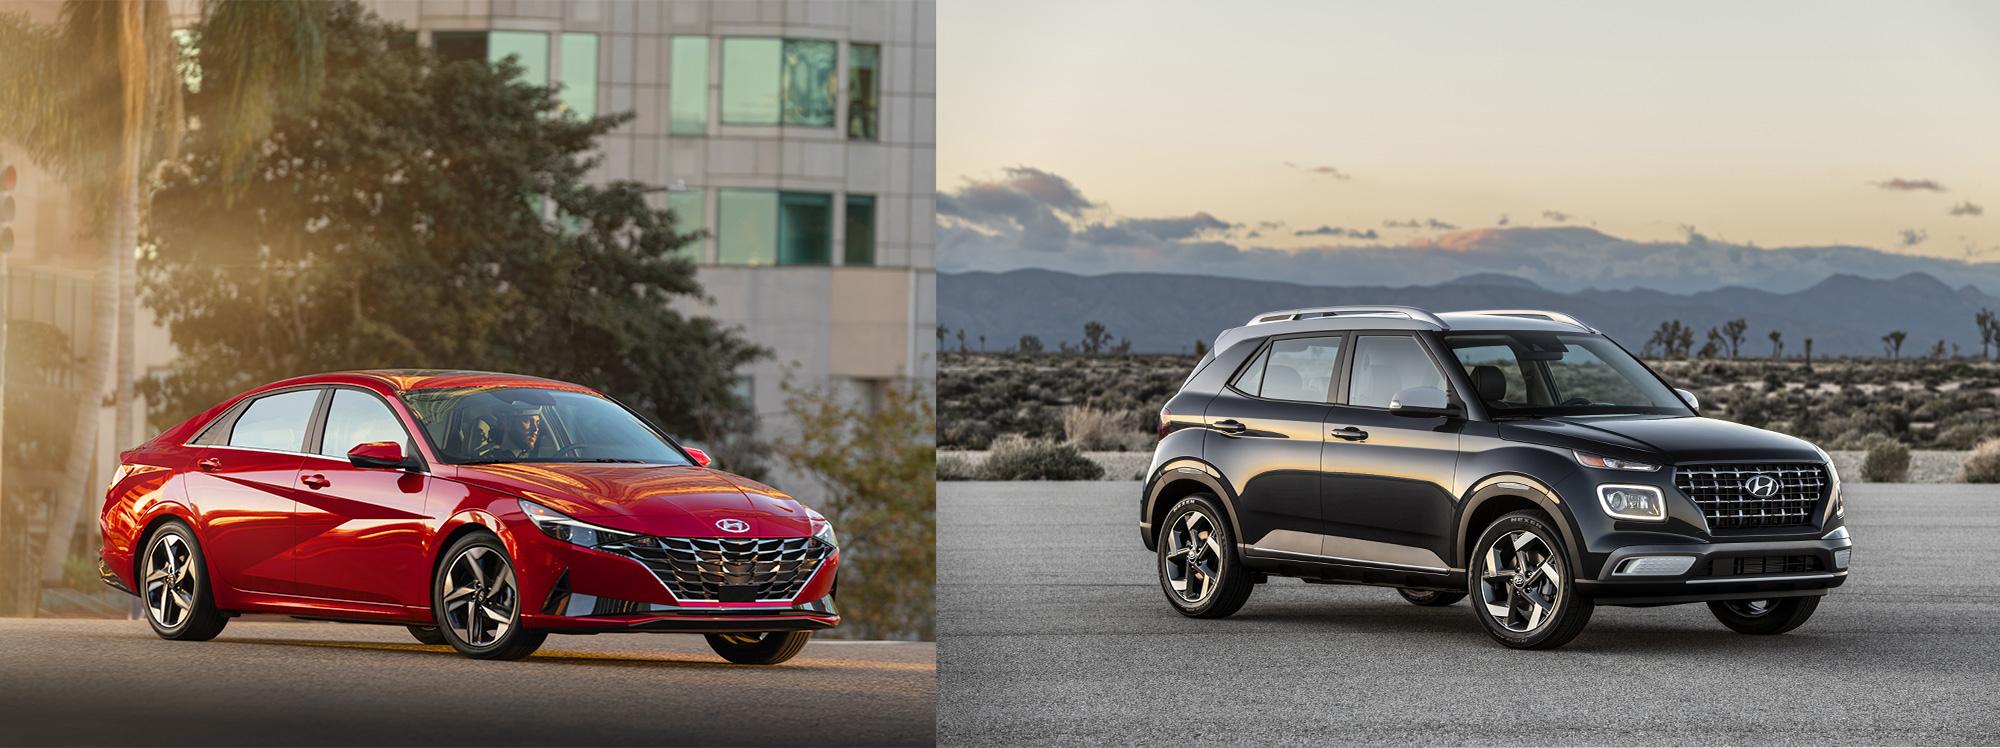 Hyundai recibe premios por su costo de propiedad